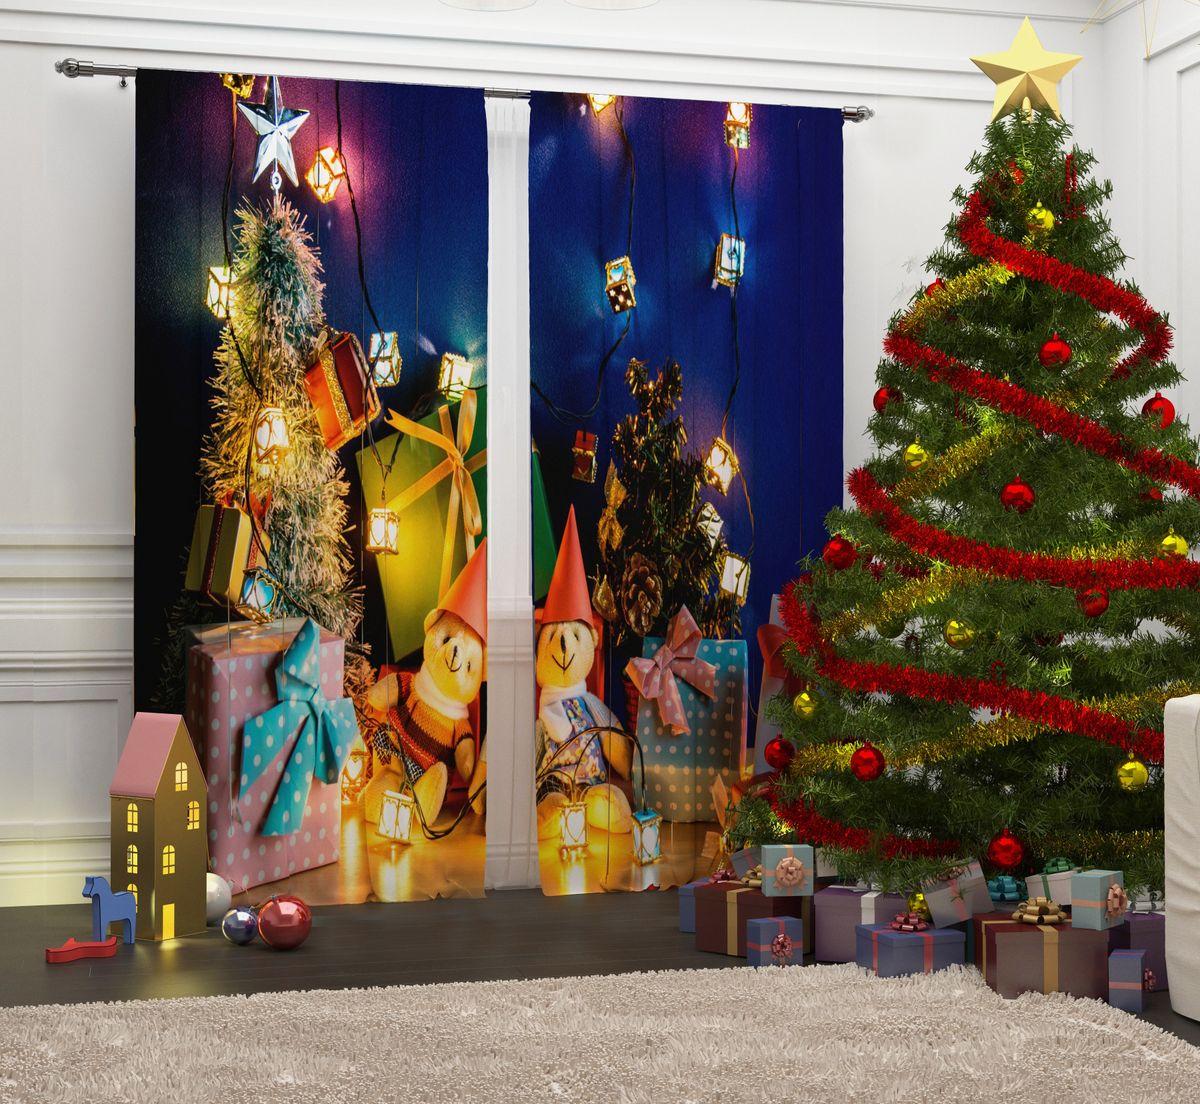 Фотошторы Сирень Новогодние мишки, на ленте, высота 260 см03522-ФТ-ВЛ-001Перед новогодними праздниками каждая хозяйка или хозяин хотят украсить свой дом. Мы предлагаем оригинальное решение, украсить Ваше окно фотошторами с новогодней тематикой. Новогодние фотошторы Сирень станут отличным подарком на Новый год. Подарите радость праздника себе и Вашим близким людям!Текстиль бренда «Сирень» - качество в каждом сантиметре ткани!Крепление на карниз при помощи шторной ленты на крючки.В комплекте: Портьера: 2 шт. Размер (ШхВ): 145 см х 260 см. Рекомендации по уходу: стирка при 30 градусах гладить при температуре до 150 градусов Изображение на мониторе может немного отличаться от реального.